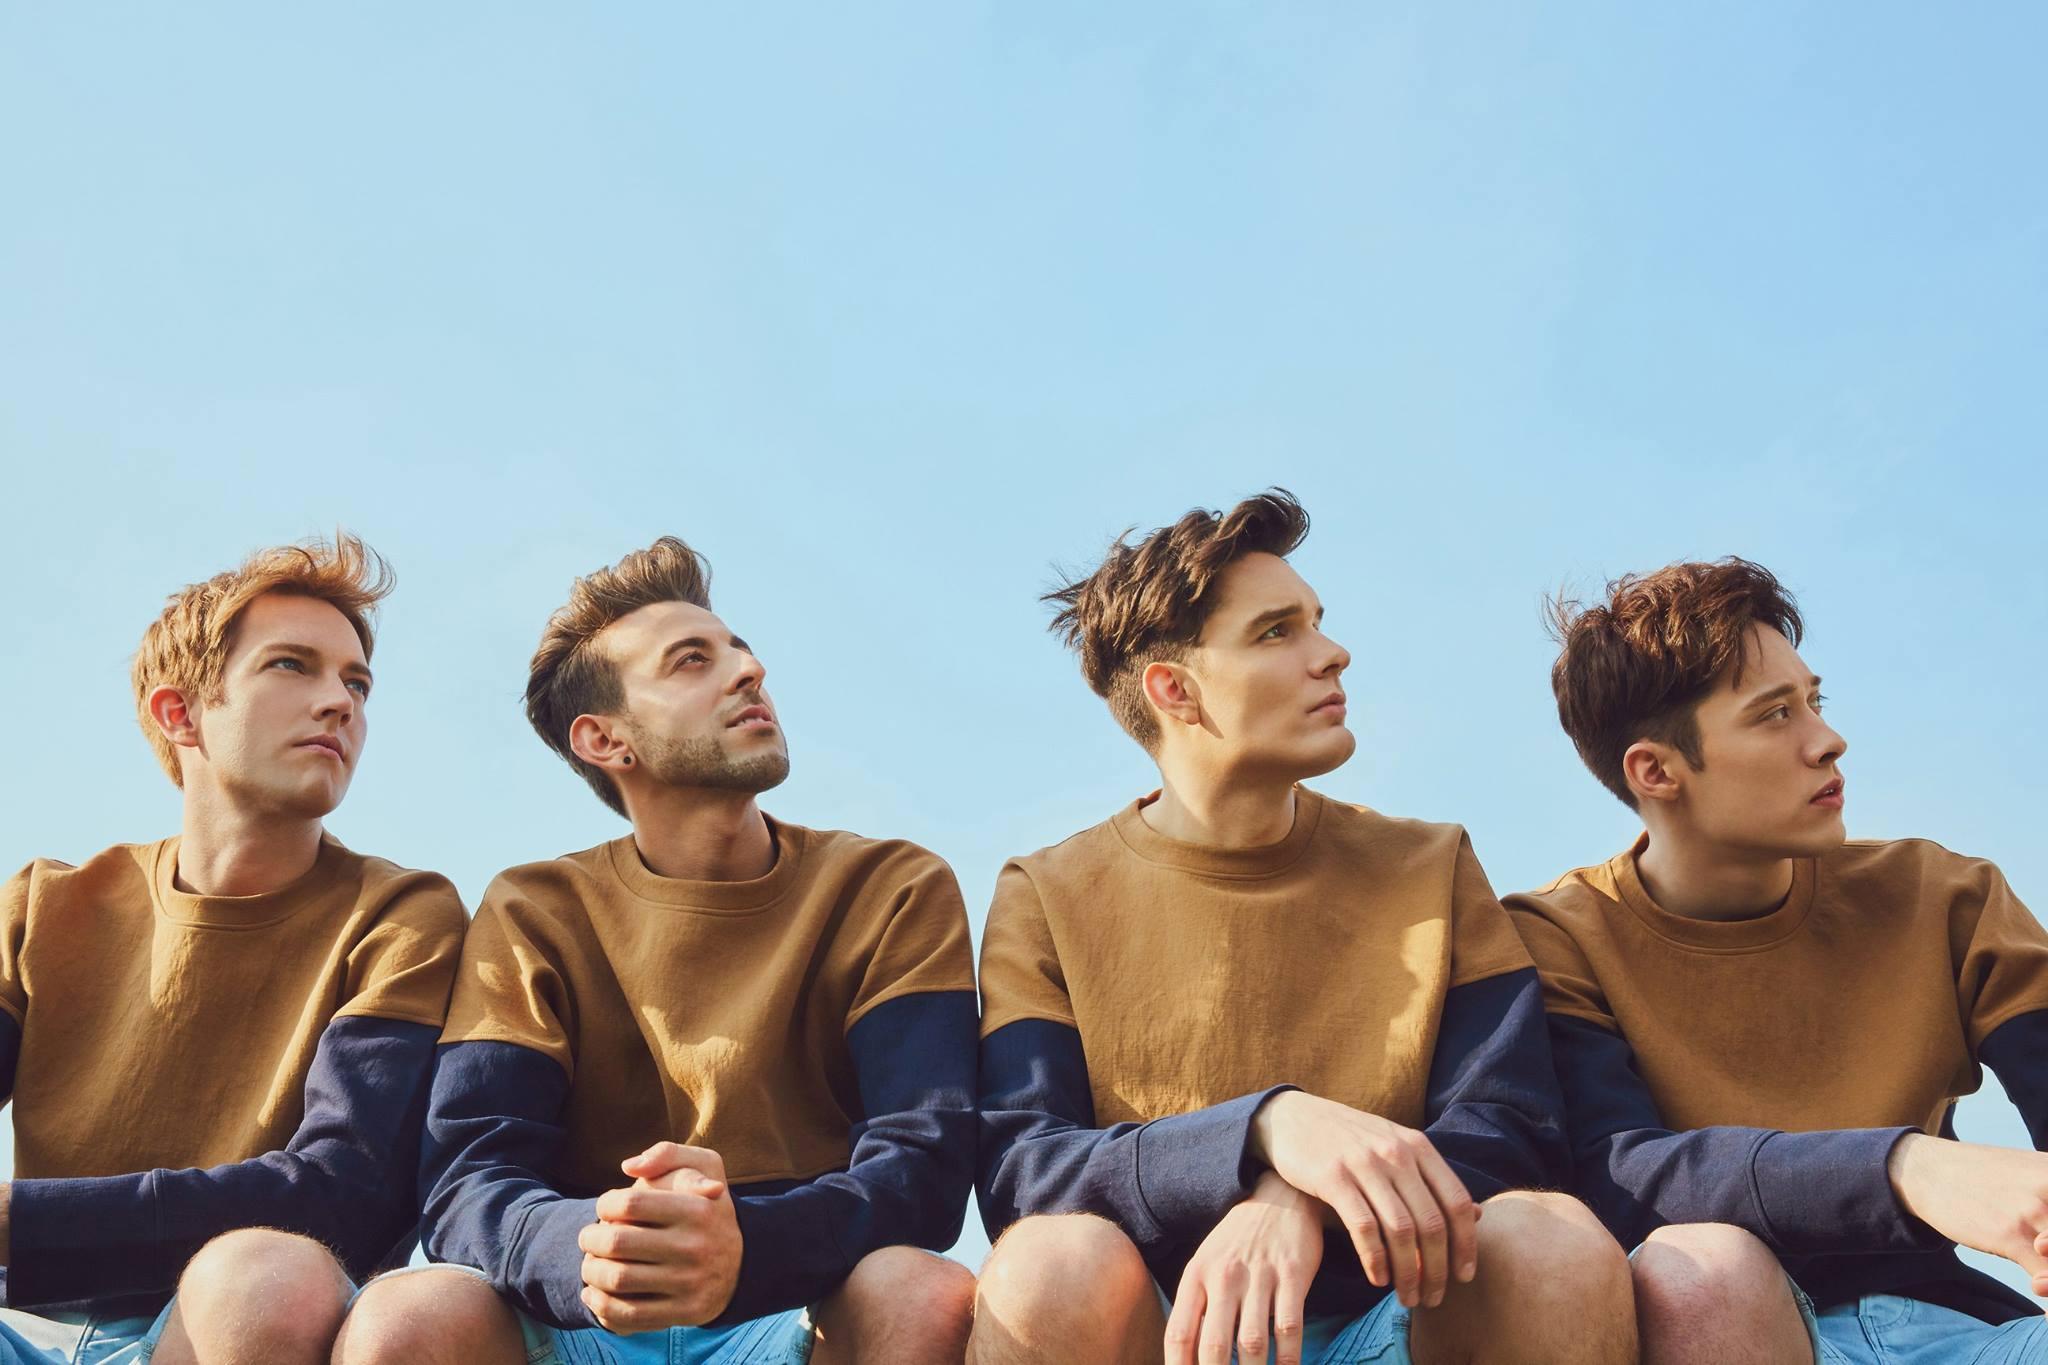 【沒有界限】韓國男團全部都係外國人?